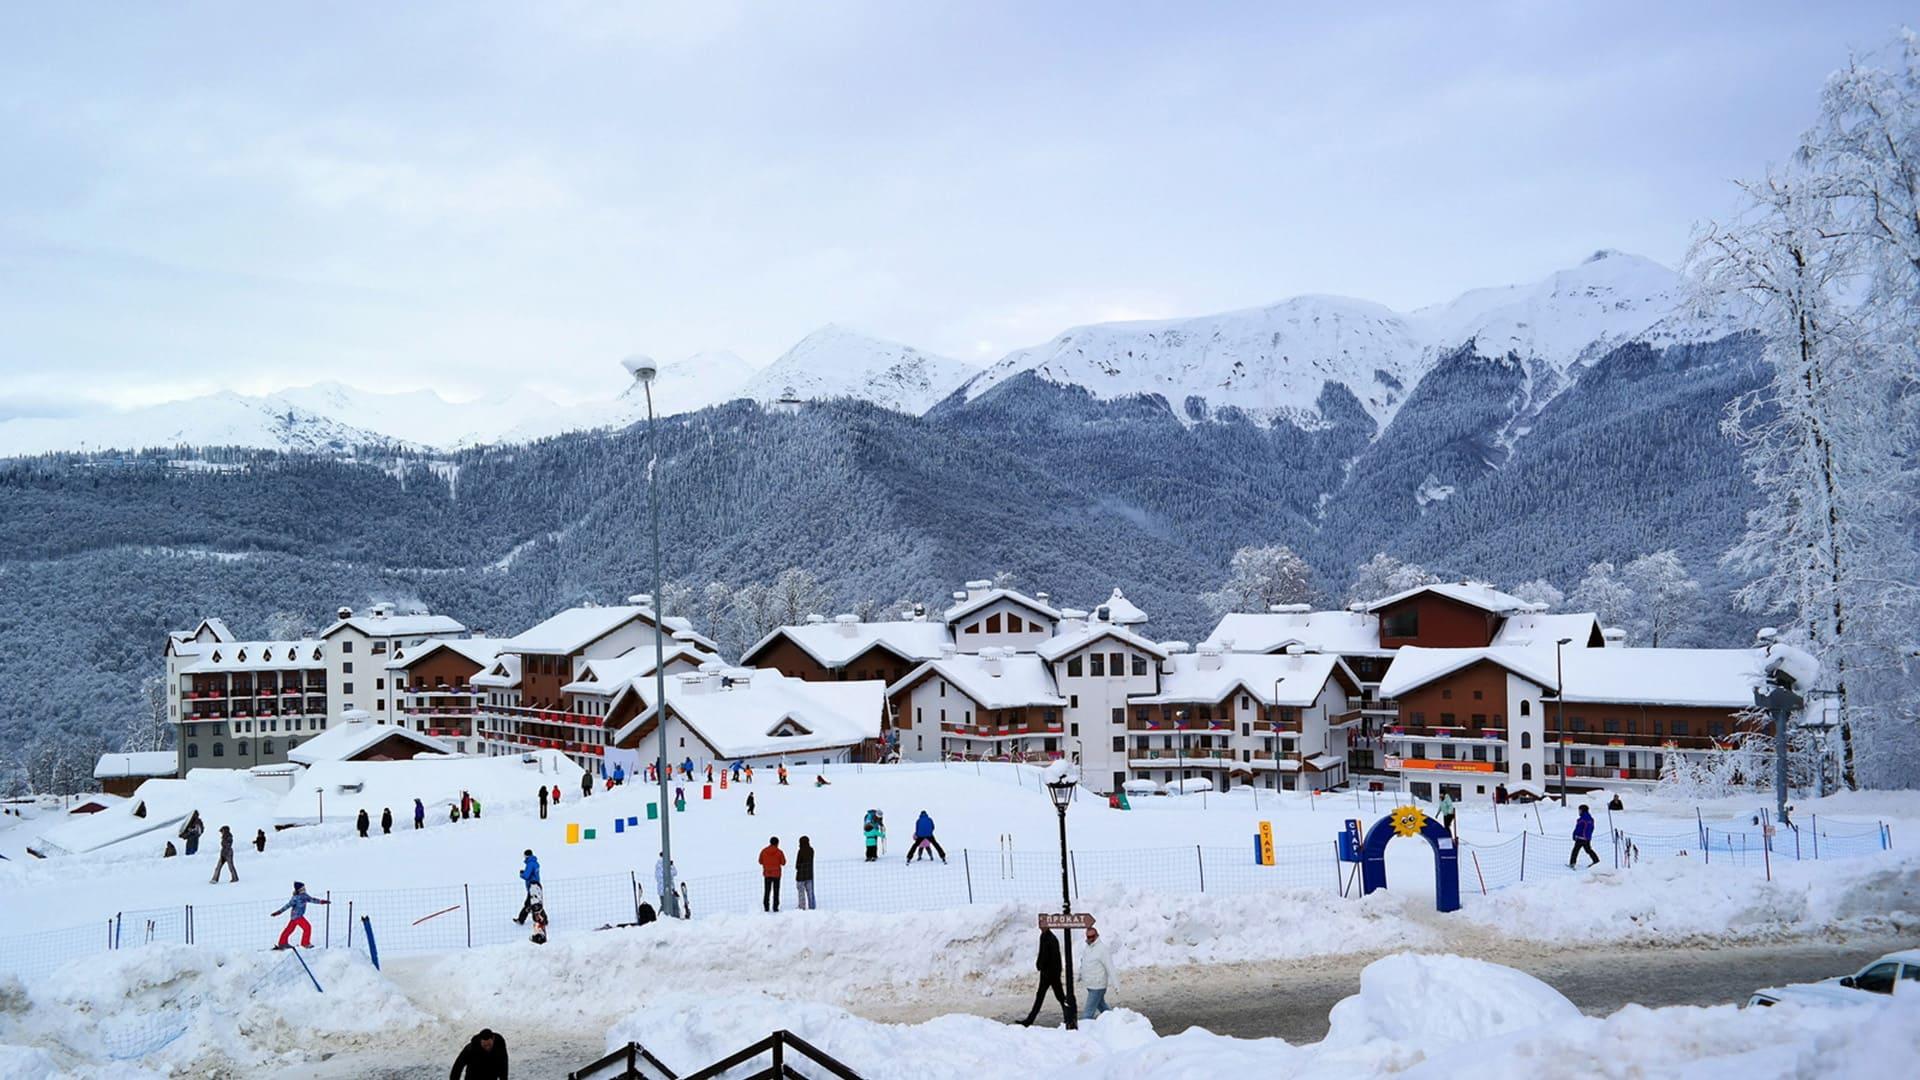 Горная олимпийская деревня зима 11